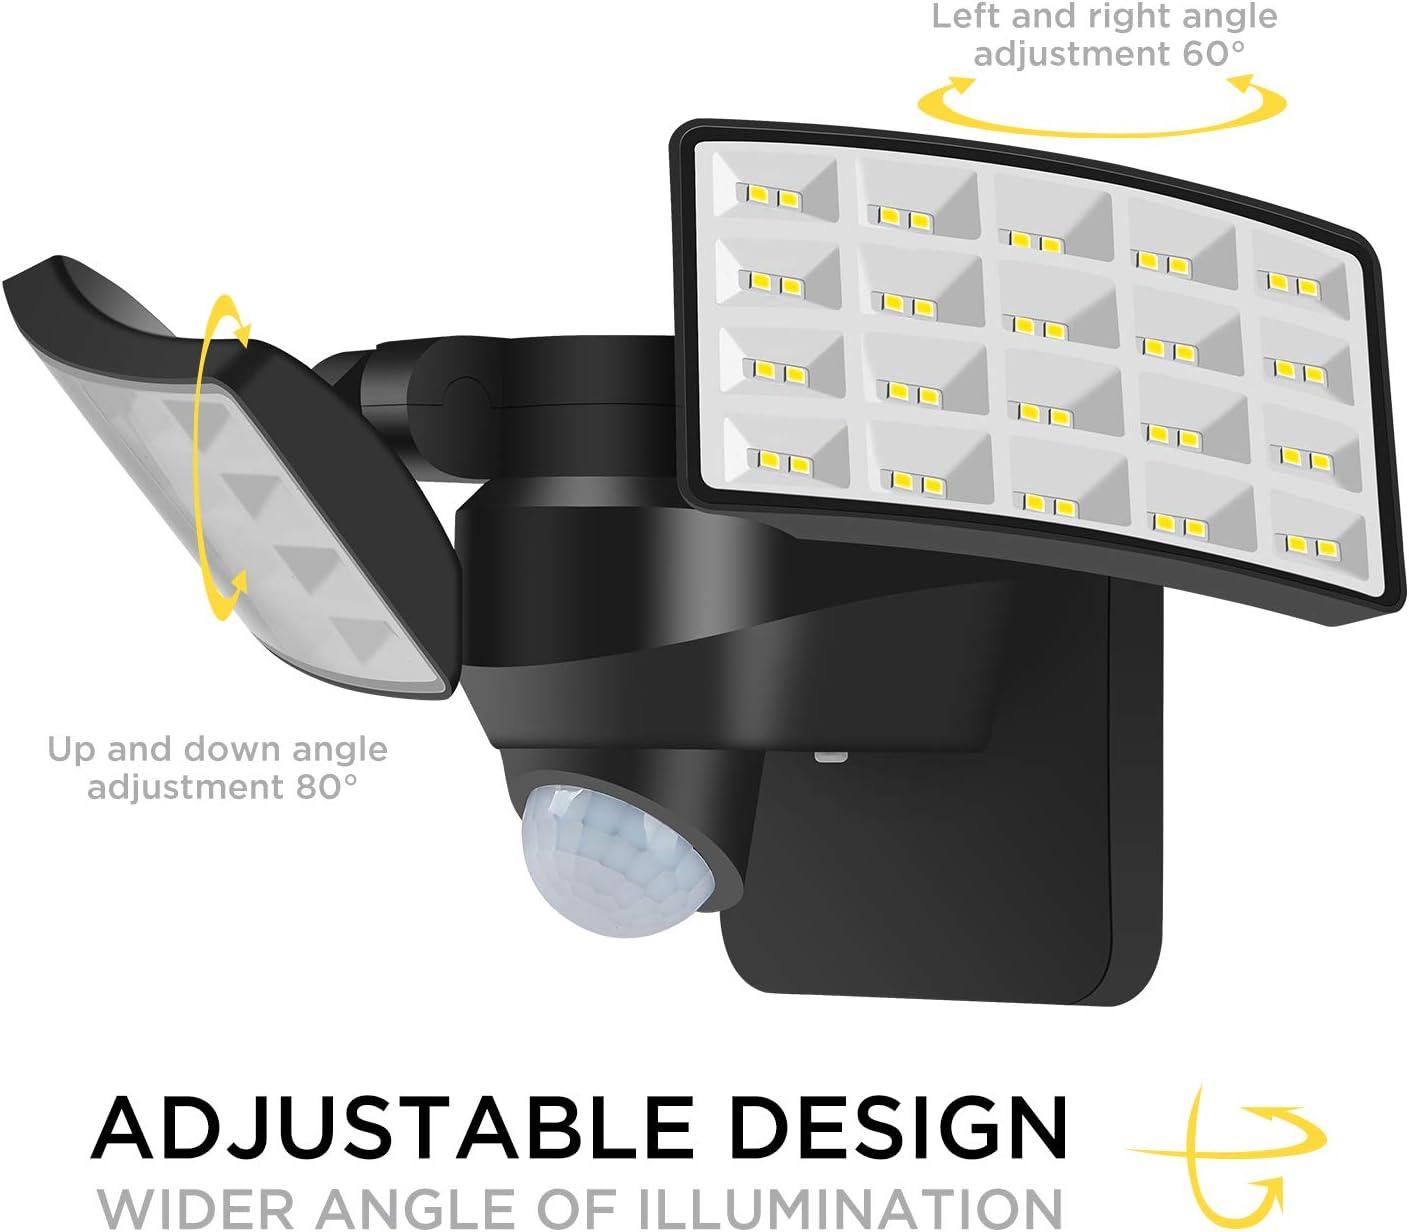 BOSWEE Luz de Seguridad Solar al Aire Libre Luz de Sensor de Movimiento Solar LED 1600LM con 2 Cabezales Ajustables, 5500K, IP65 a Prueba de Agua Proyector para PatioTrasero, Camino & Patio: